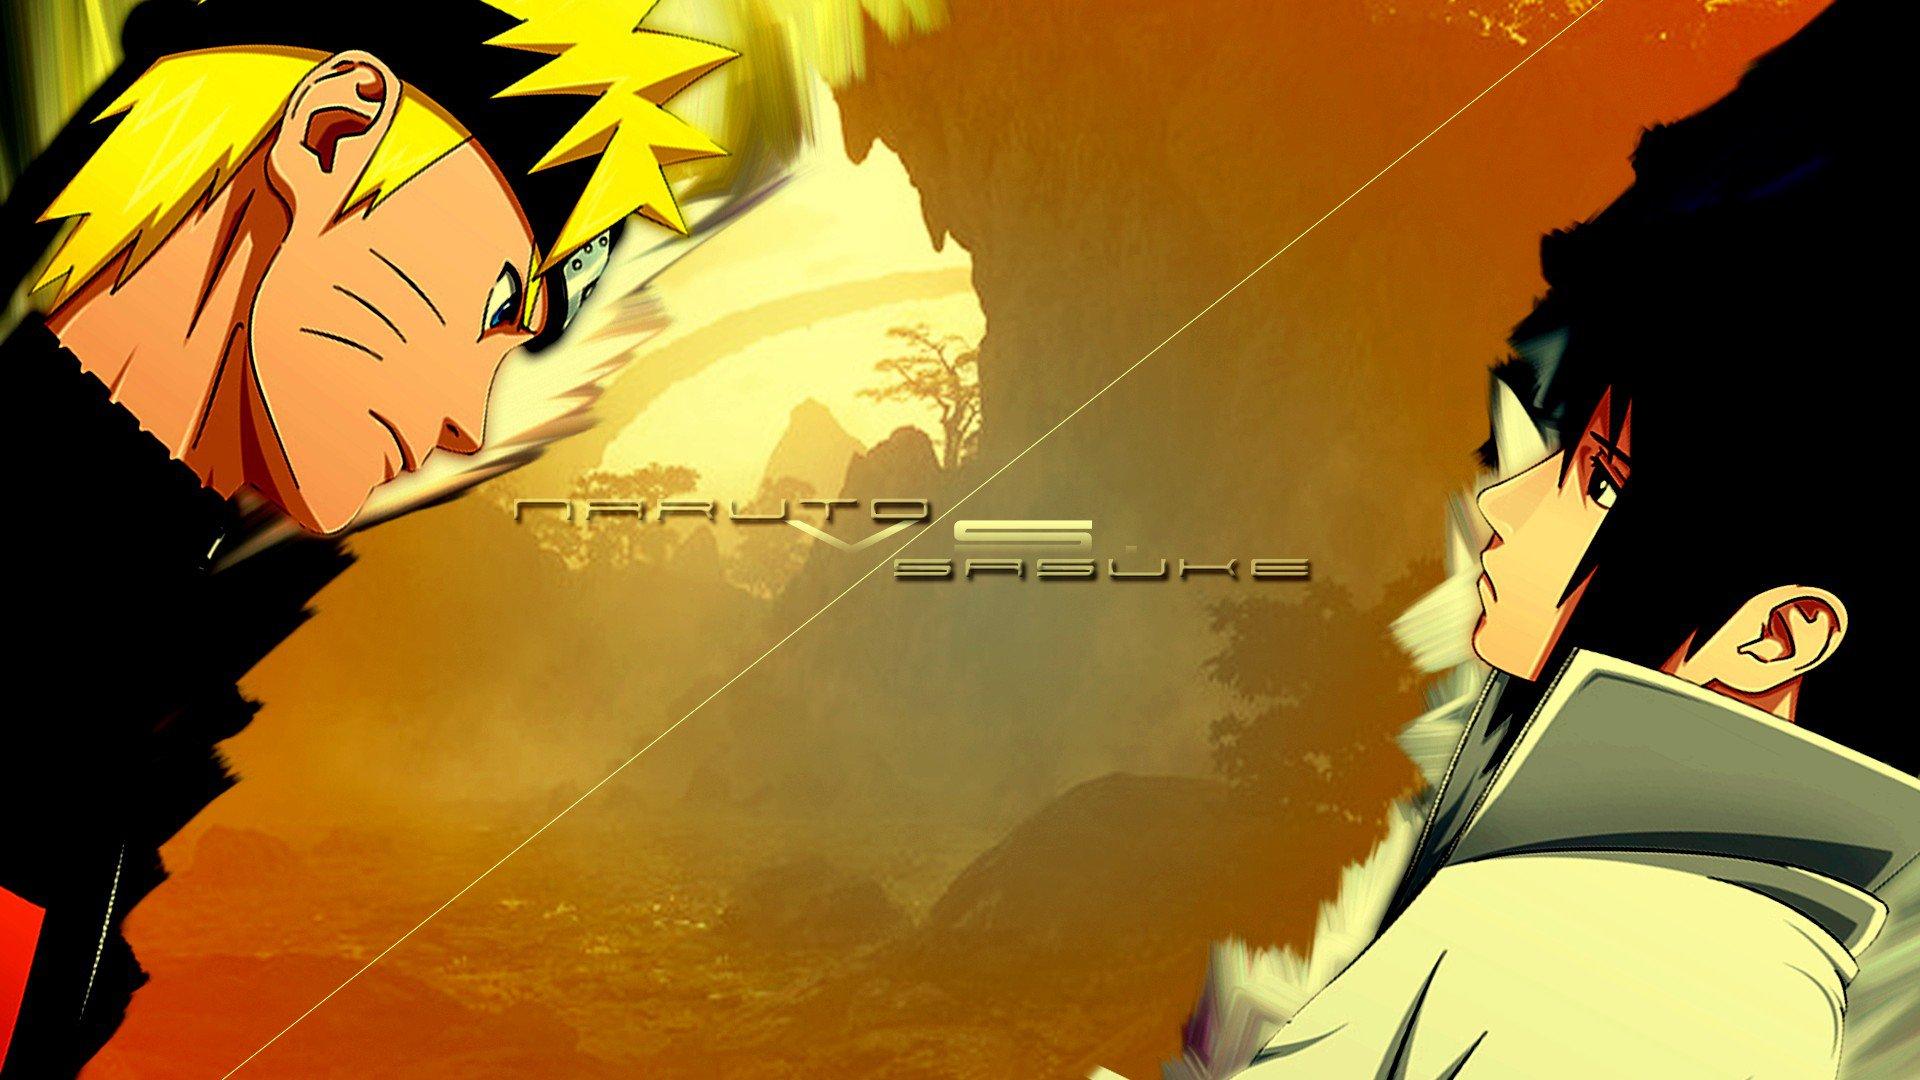 Naruto-sasuke-wallpaper-hs-04